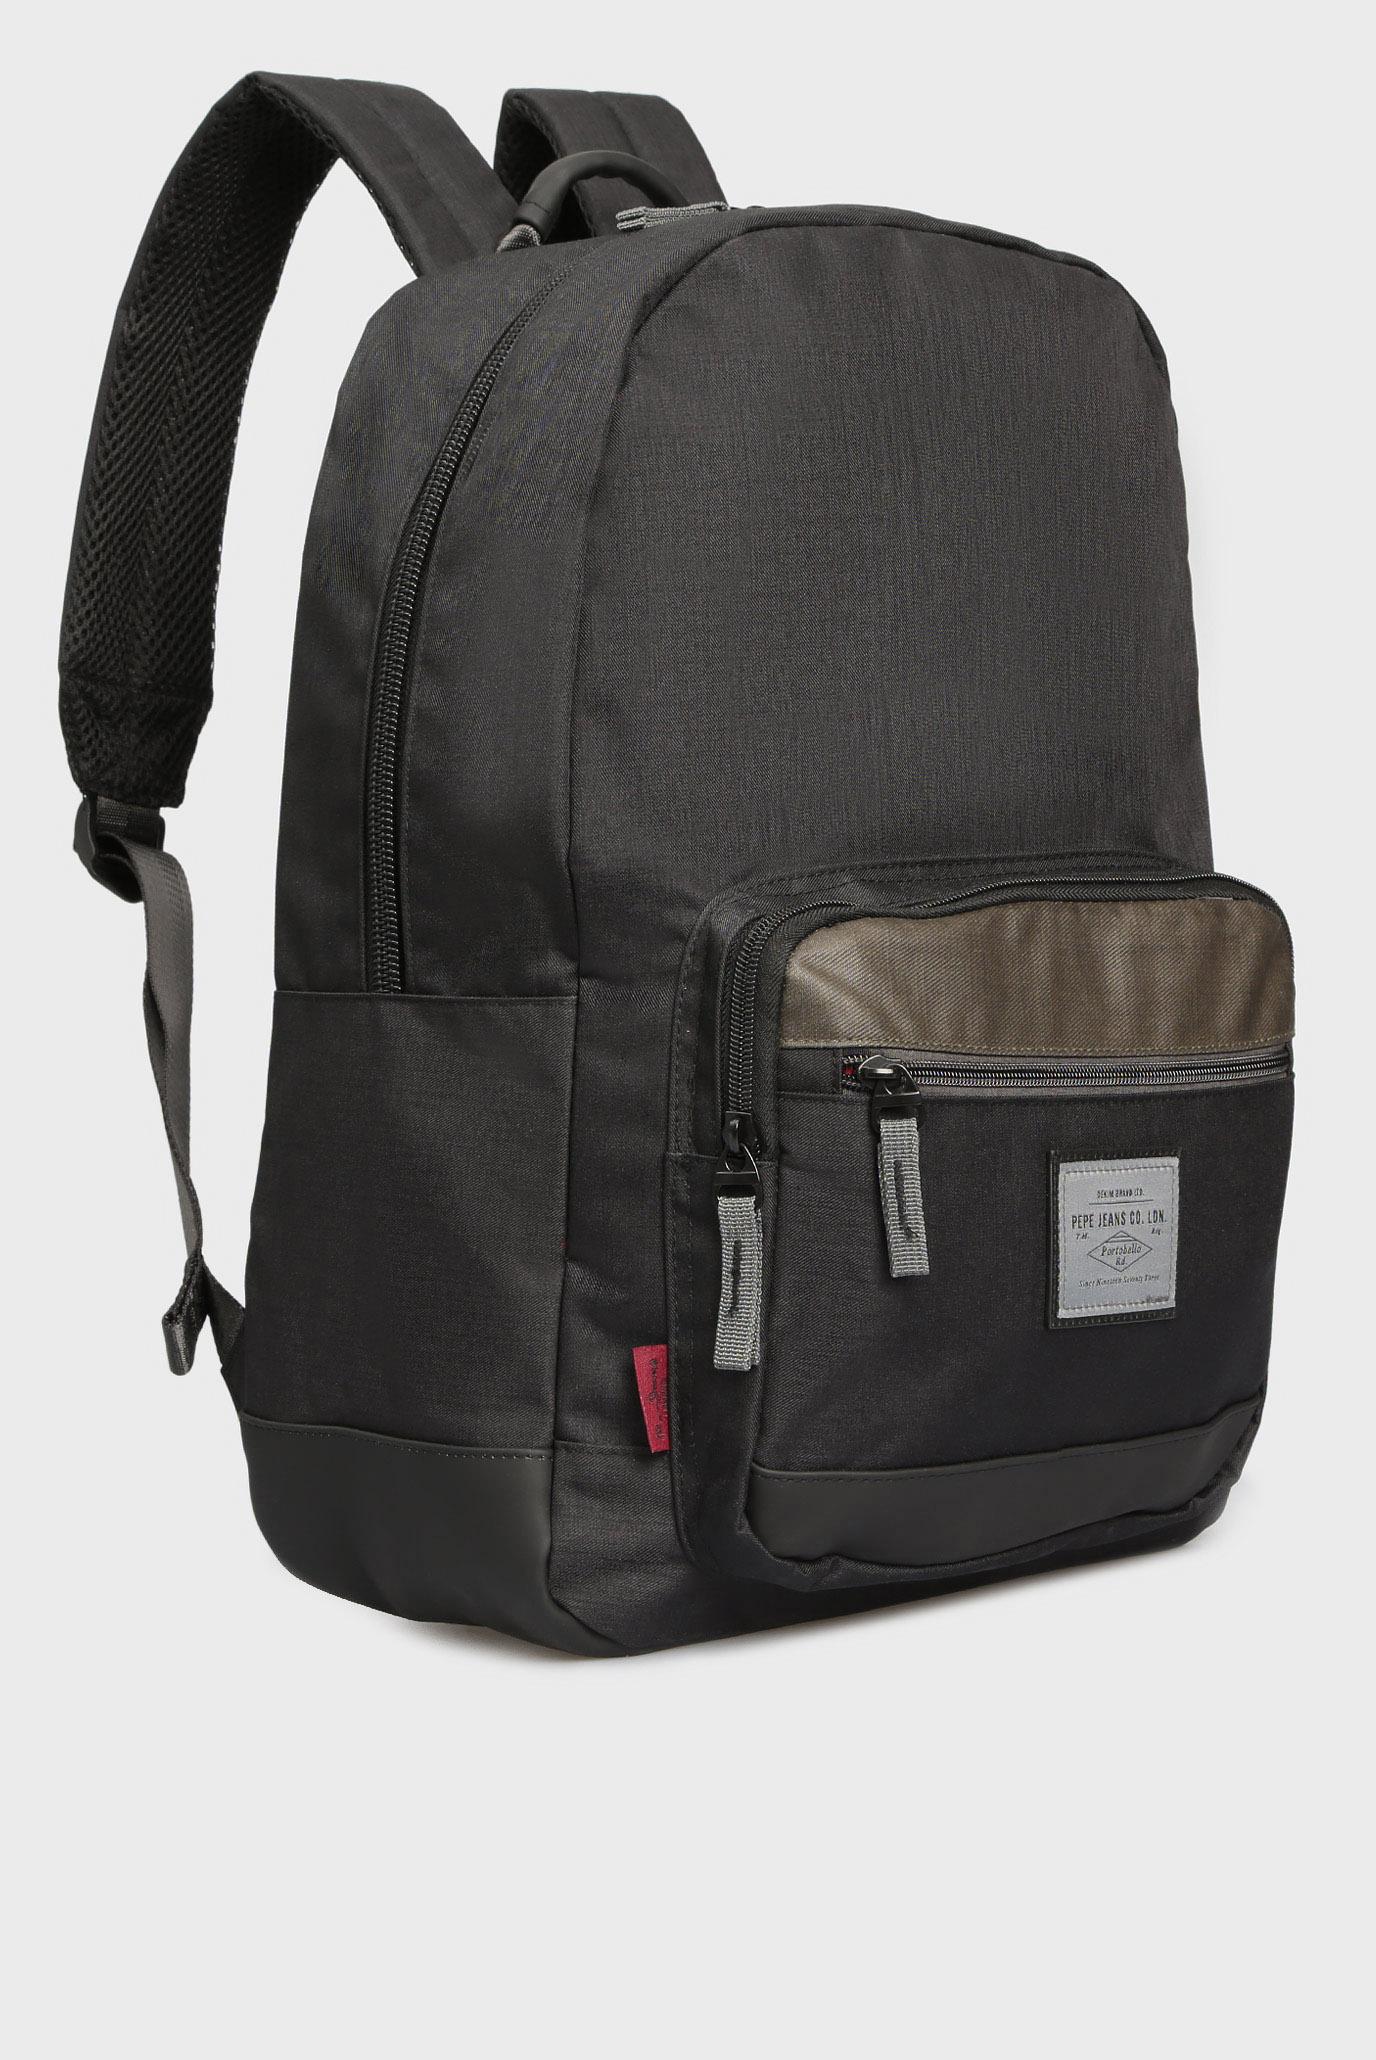 Купить Мужской темно-серый рюкзак Pepe Jeans Pepe Jeans PM120027 – Киев, Украина. Цены в интернет магазине MD Fashion